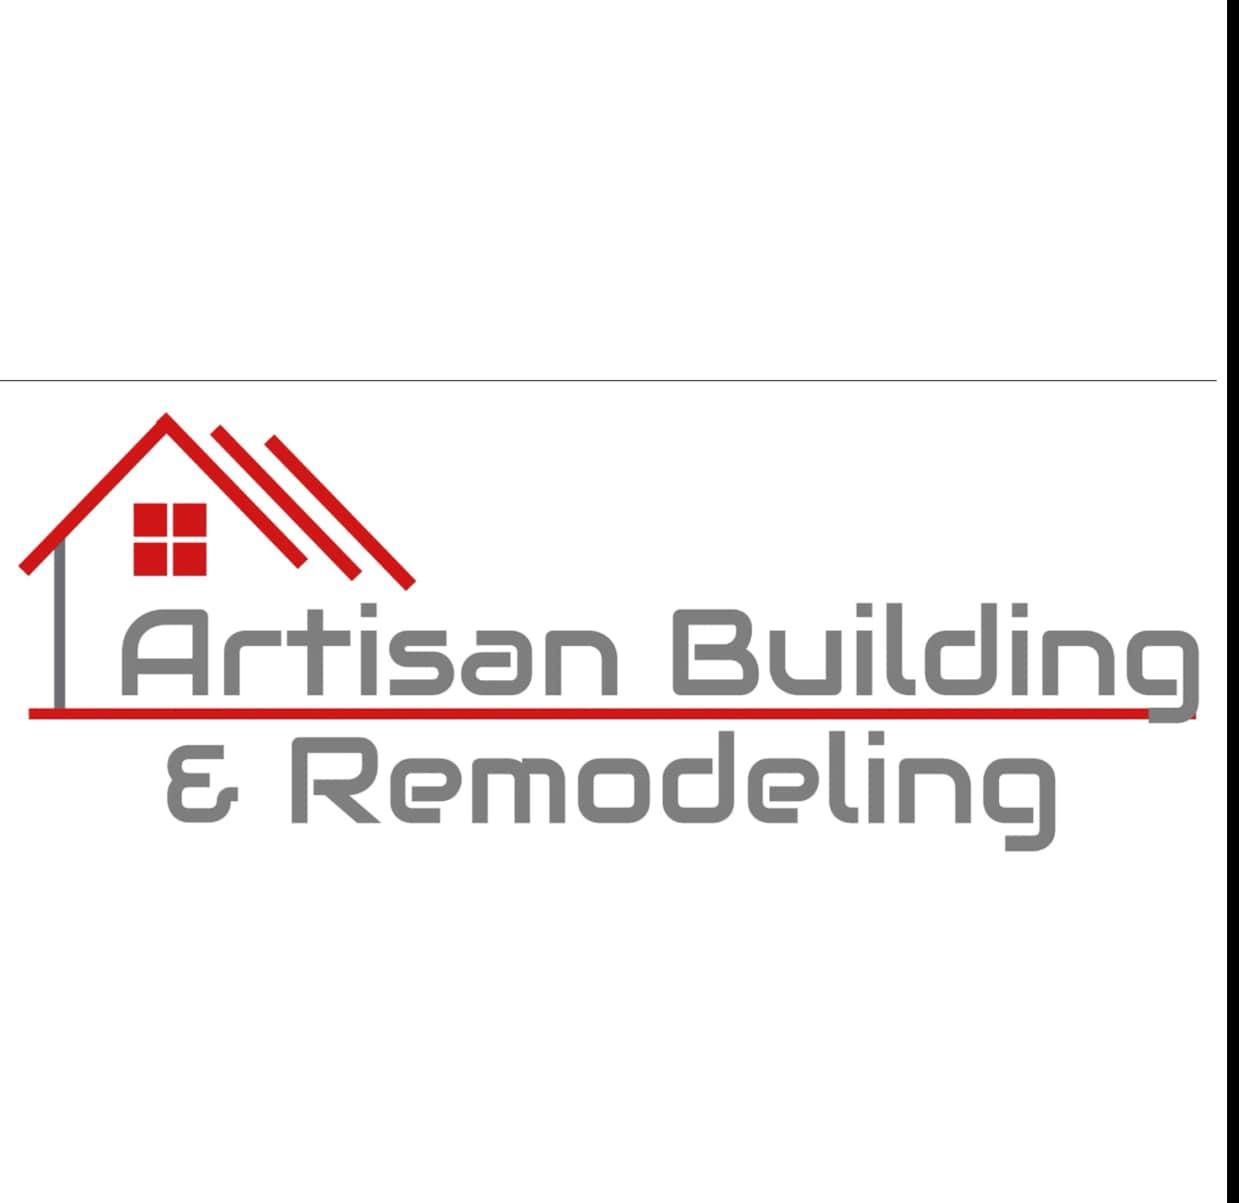 Artisan Building & Remodeling LLC. logo